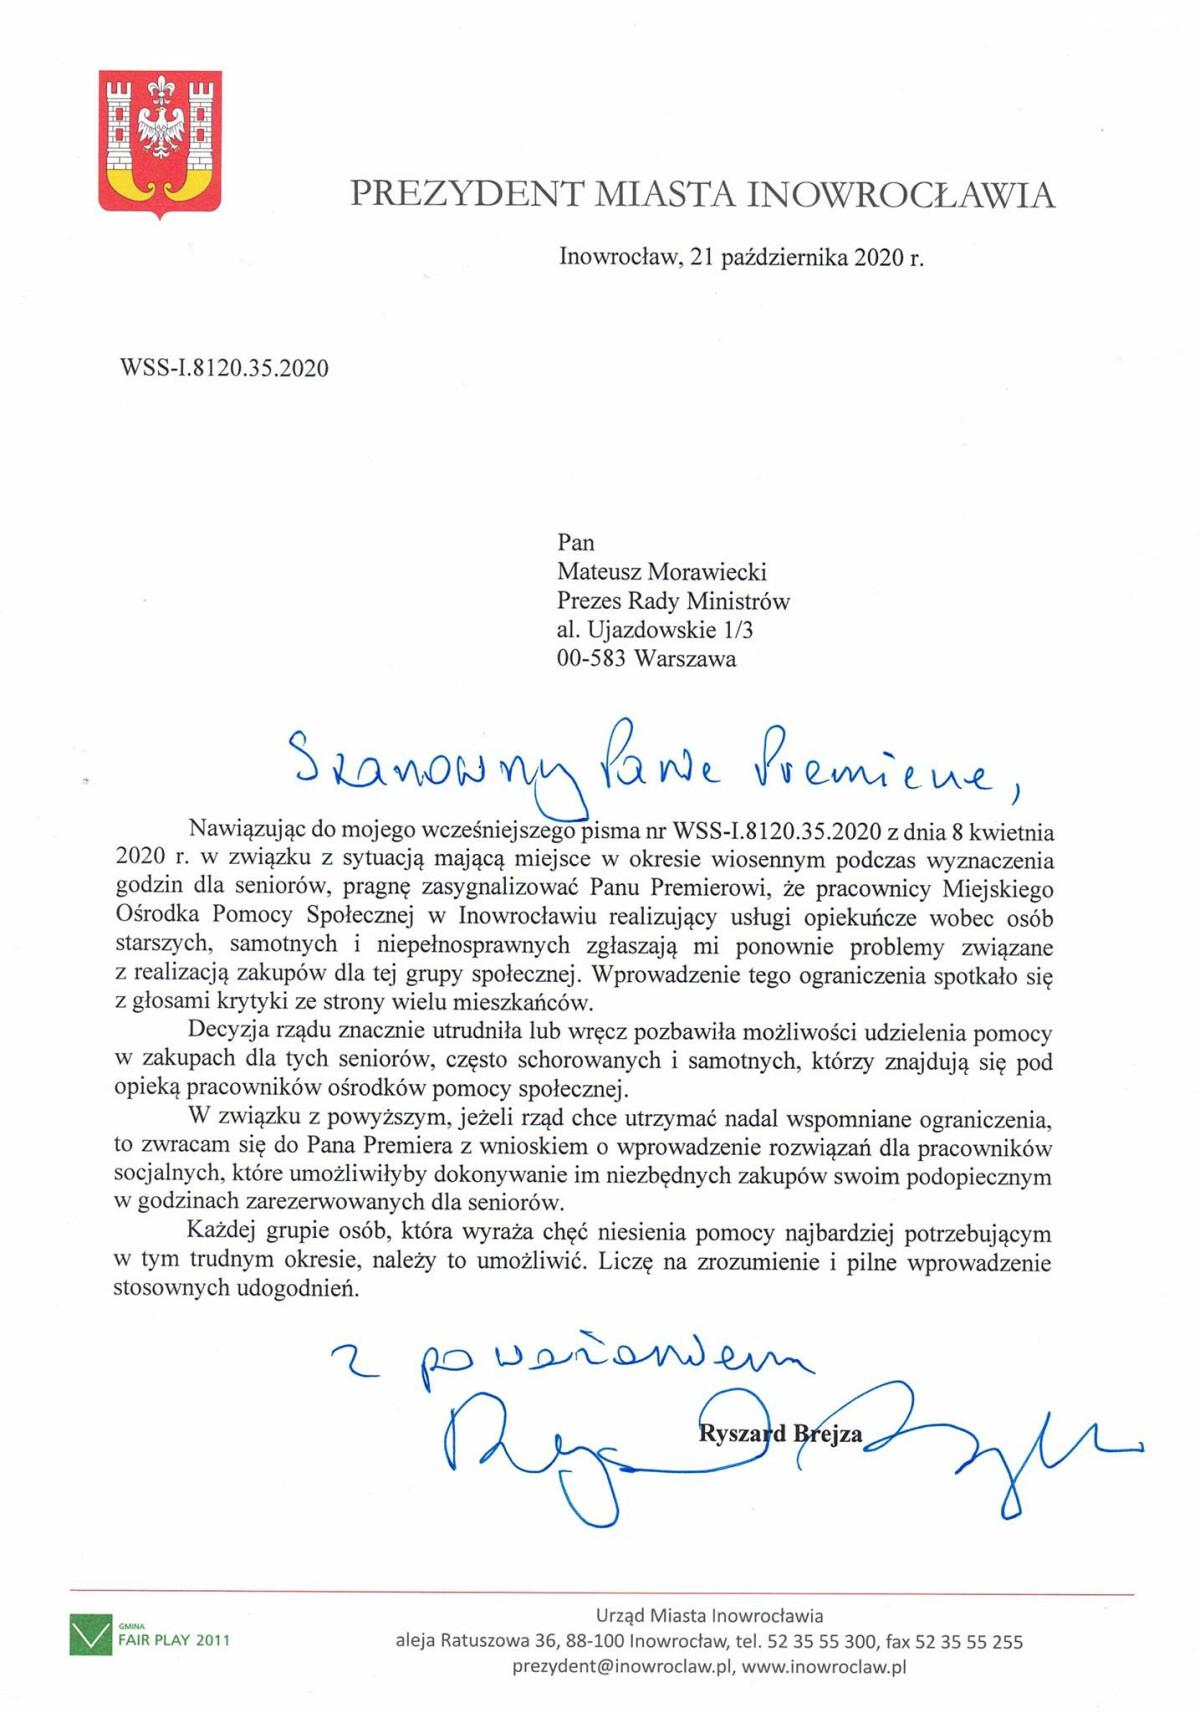 Pismo do premiera Morawieckiego